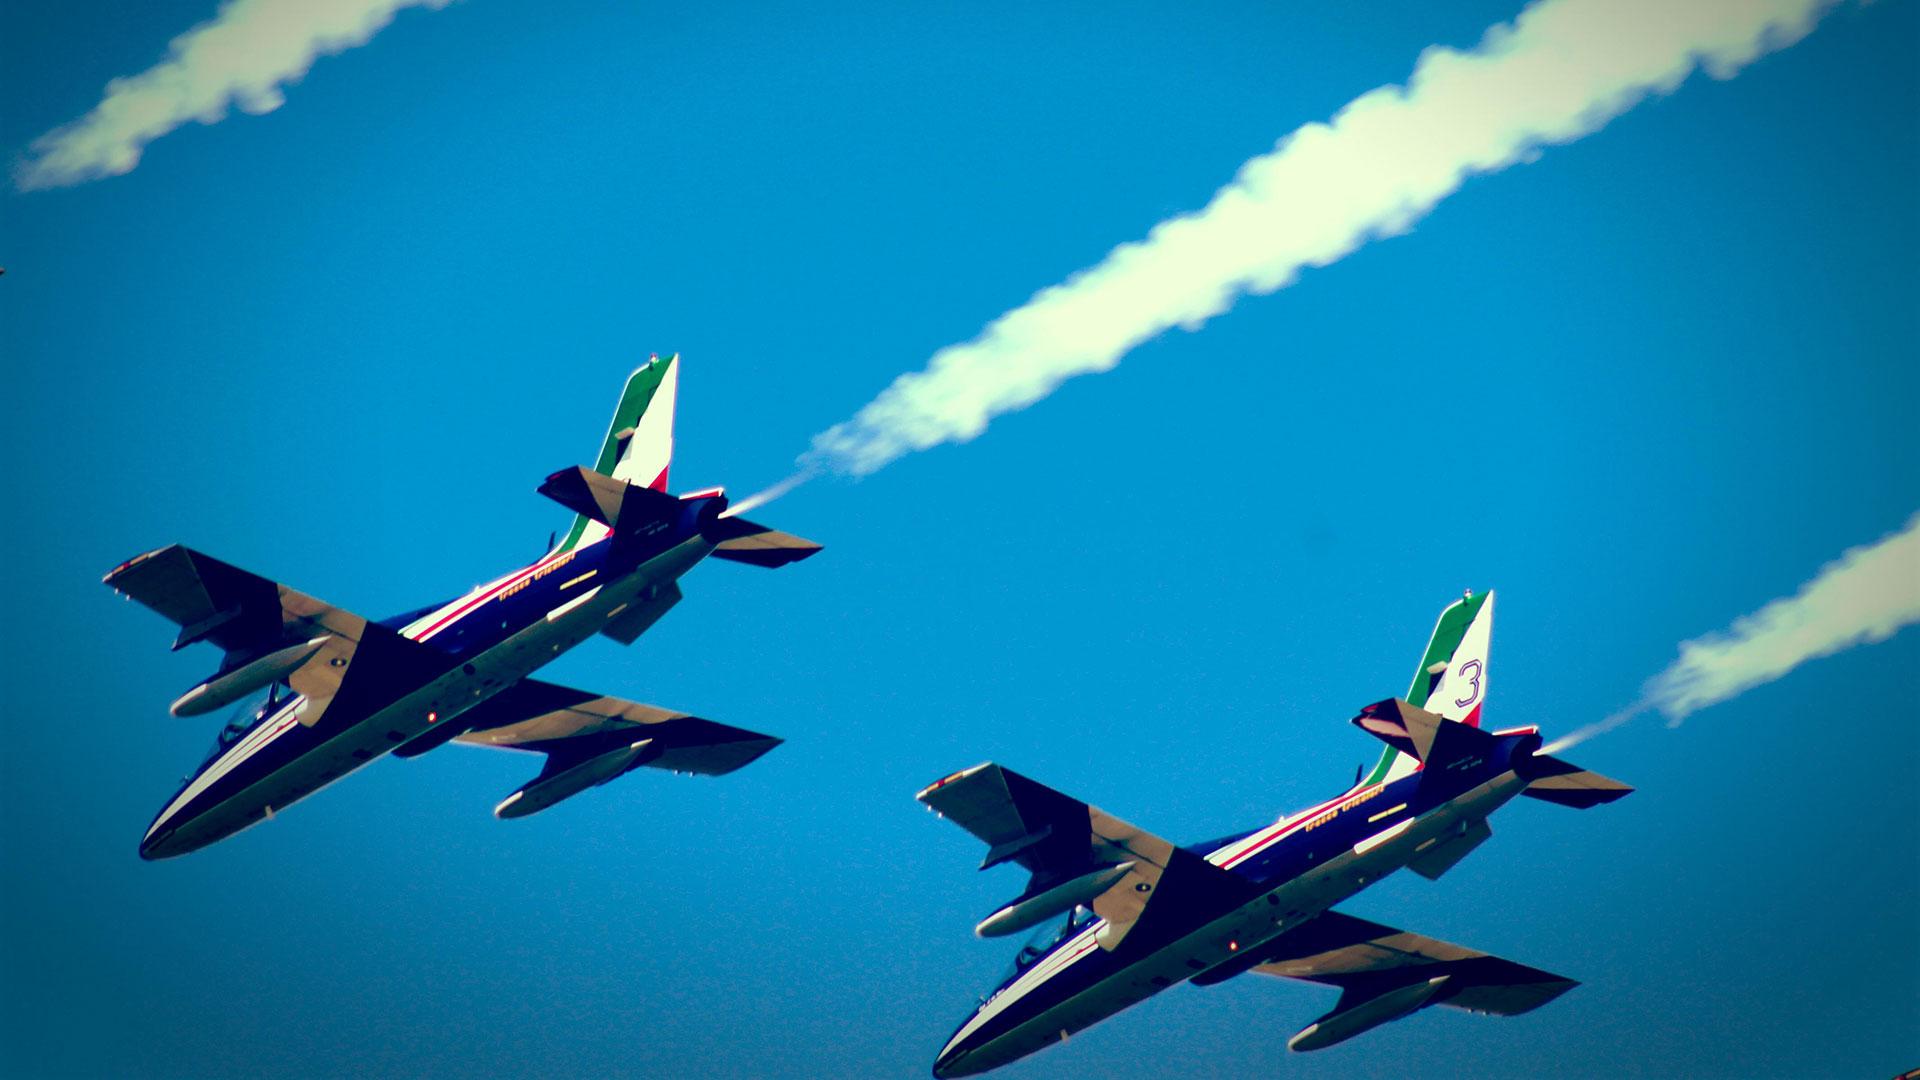 frecce-tricolori-60-anni-pan-pattuglia-acrobatica-nazionale-aeronautica-militare-(52)